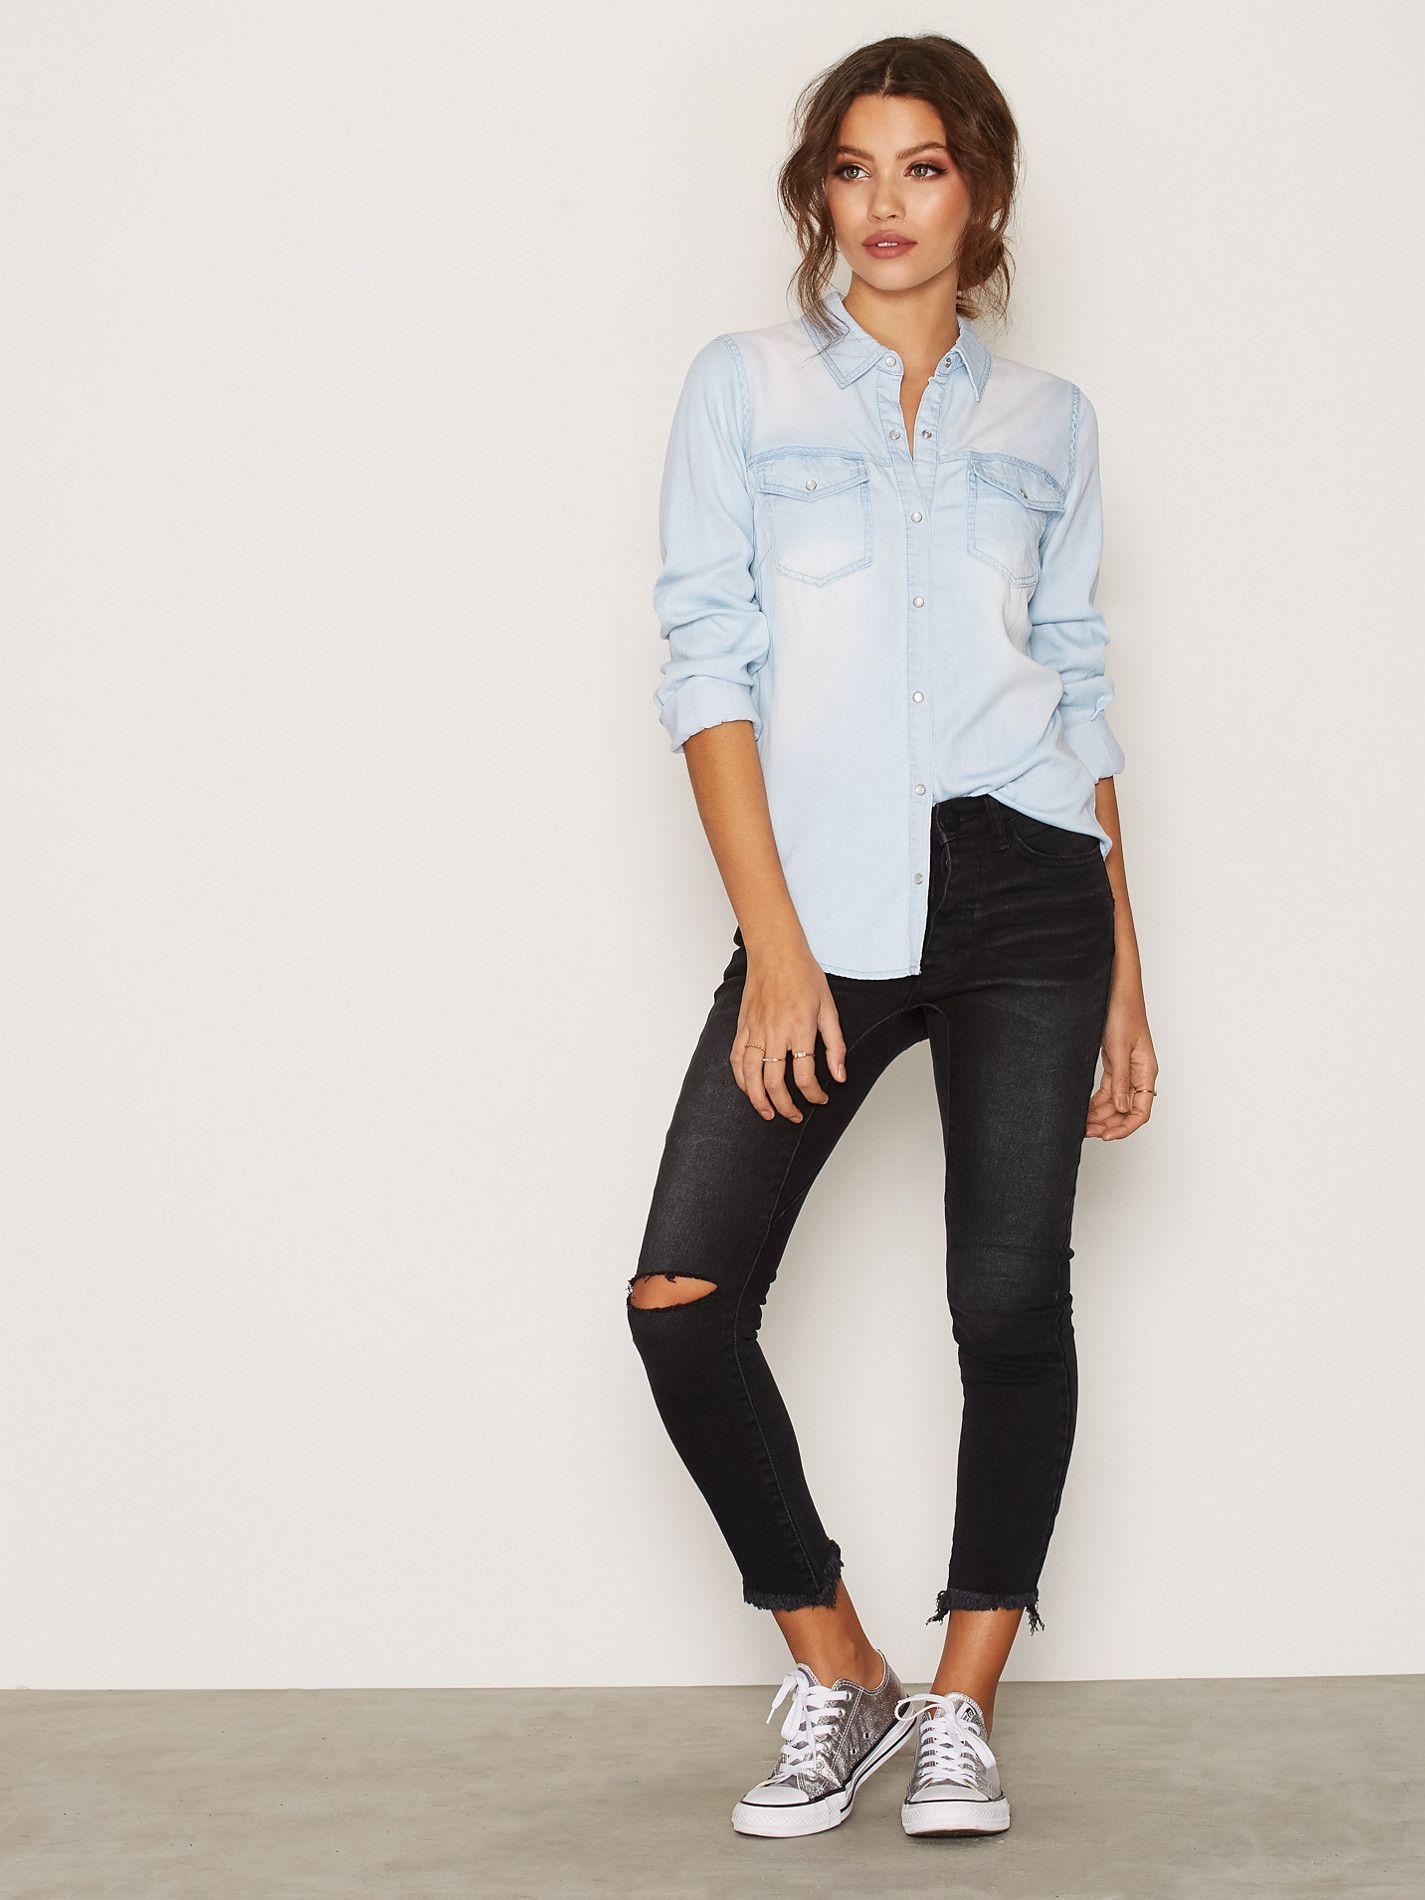 95343e17fb1 Shoppa Vibista Denim Shirt - Noos - Online Hos Nelly.com